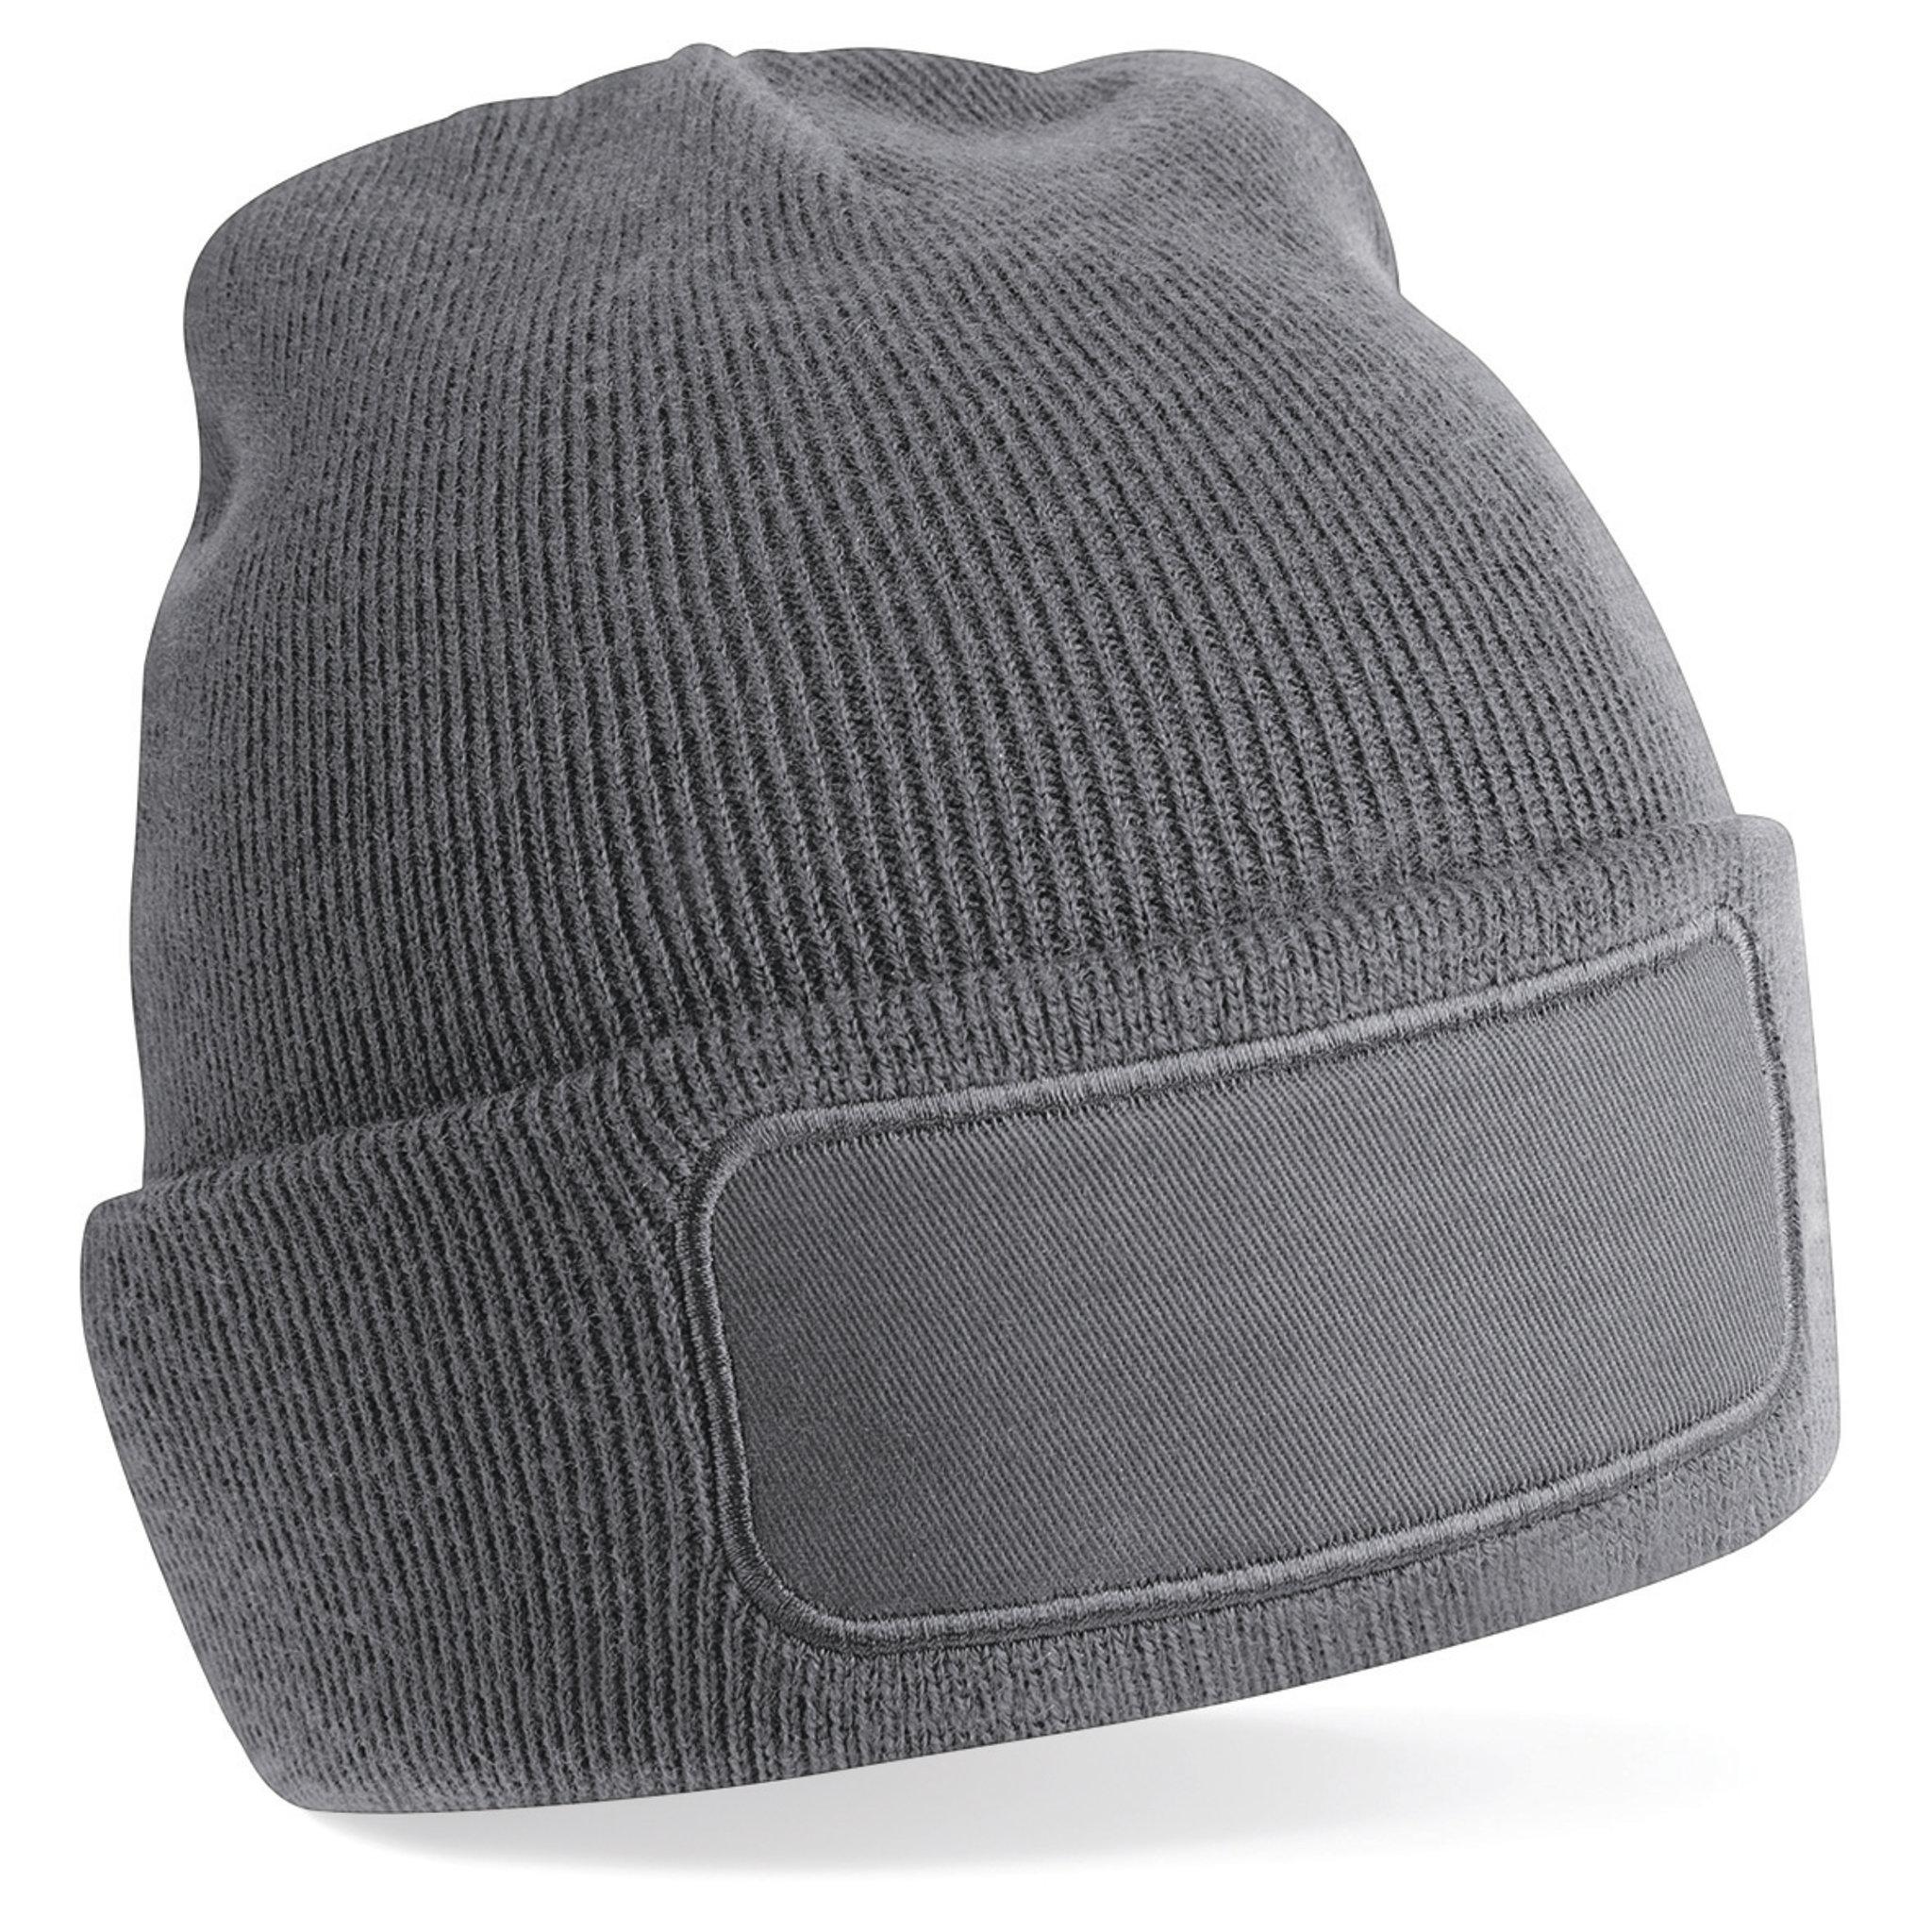 Bonnet personnalisable Beanie - bonnet publicitaire noir